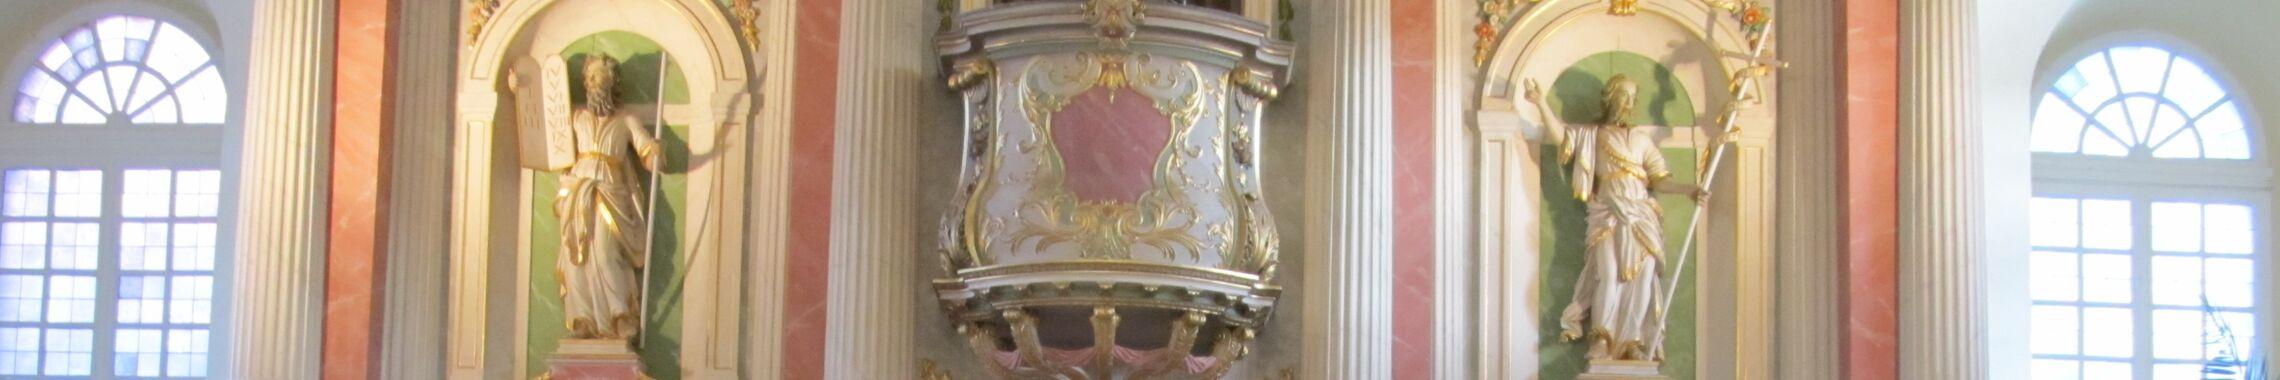 Panorama Altar Kanzel